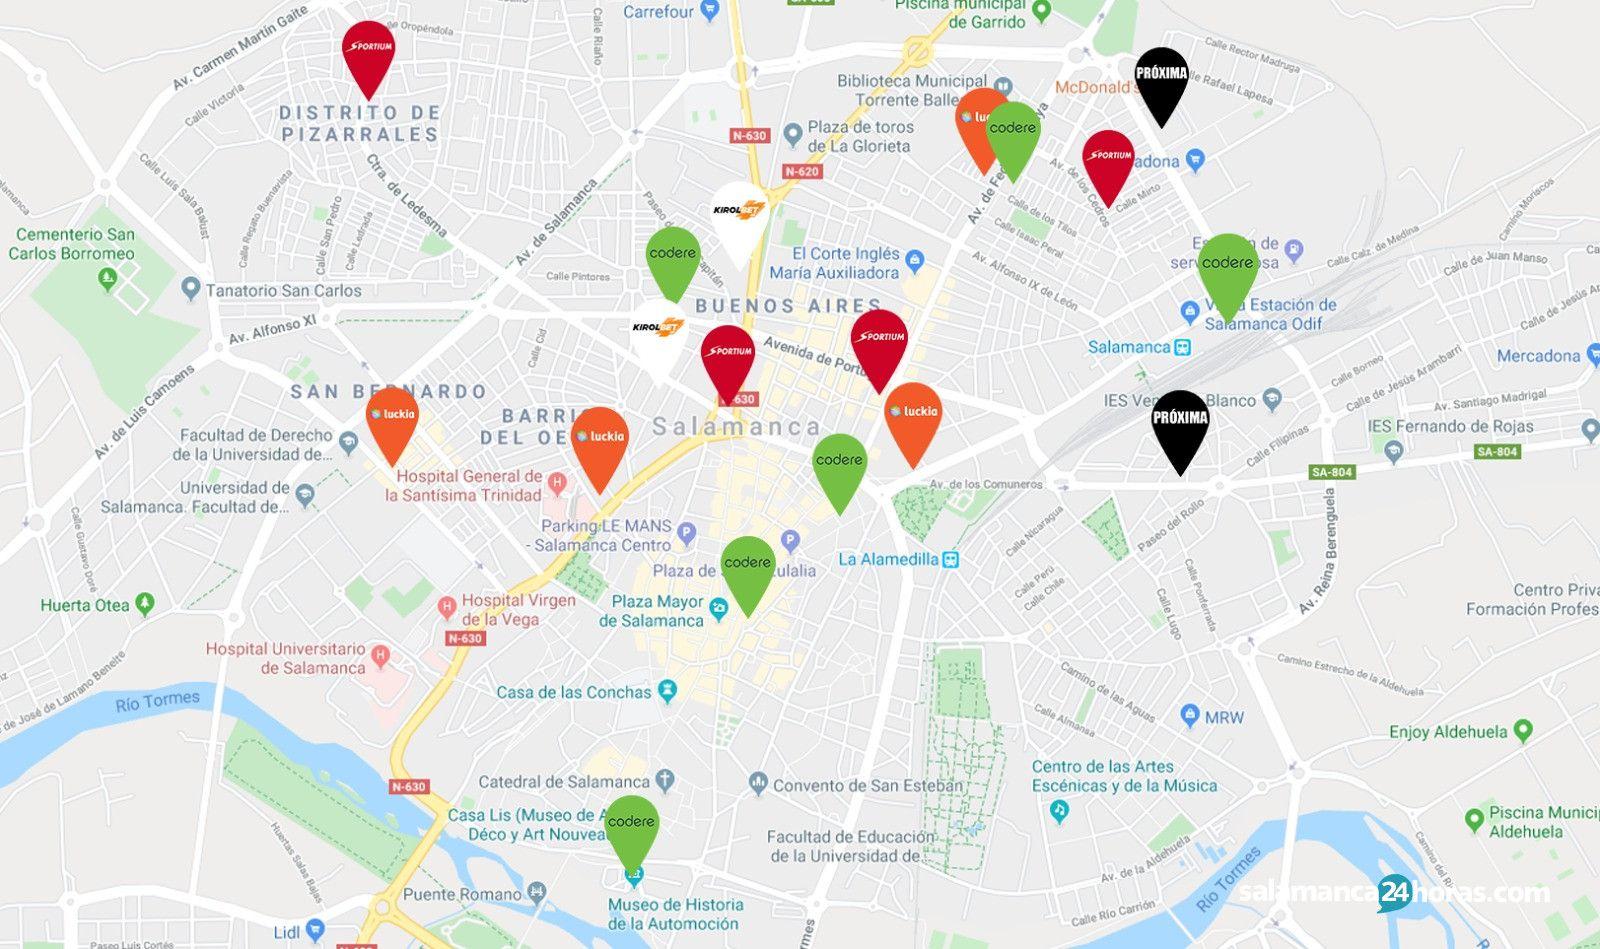 mapa de casas de apuestas de Salamanca